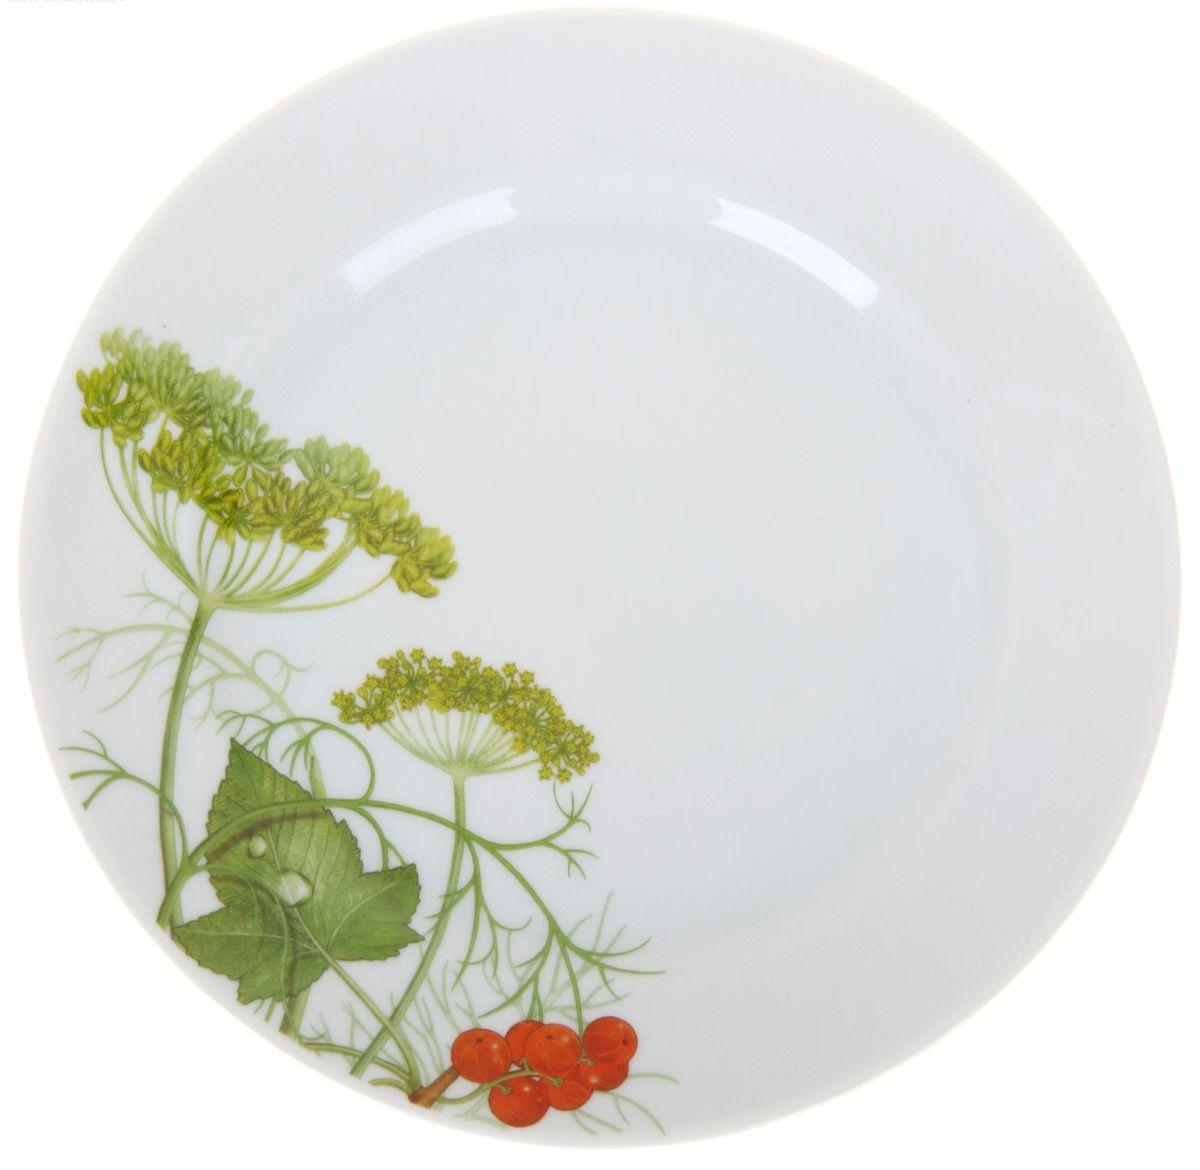 Тарелка мелкая Идиллия. Садочек, диаметр 17 см1224520Мелкая тарелка Идиллия. Садочек выполнена из высококачественного фарфора и украшена ярким рисунком. Она прекрасно впишется в интерьер вашей кухни и станет достойным дополнением к кухонному инвентарю. Тарелка Идиллия. Садочек подчеркнет прекрасный вкус хозяйки и станет отличным подарком. Диаметр тарелки: 17 см.